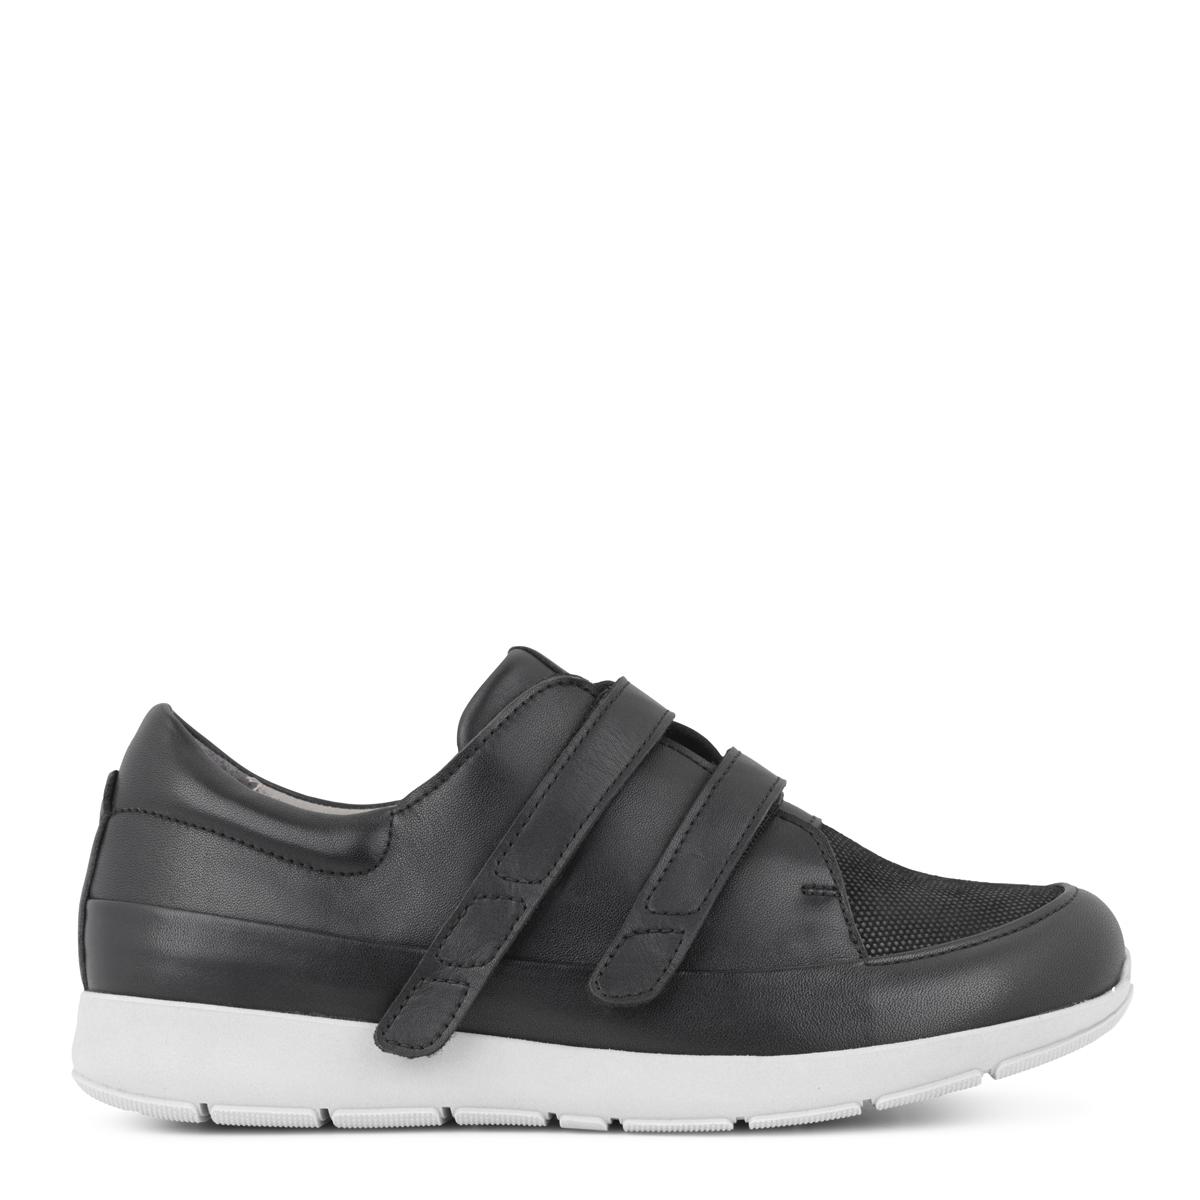 New Feet damesko sporty med glimmer-look